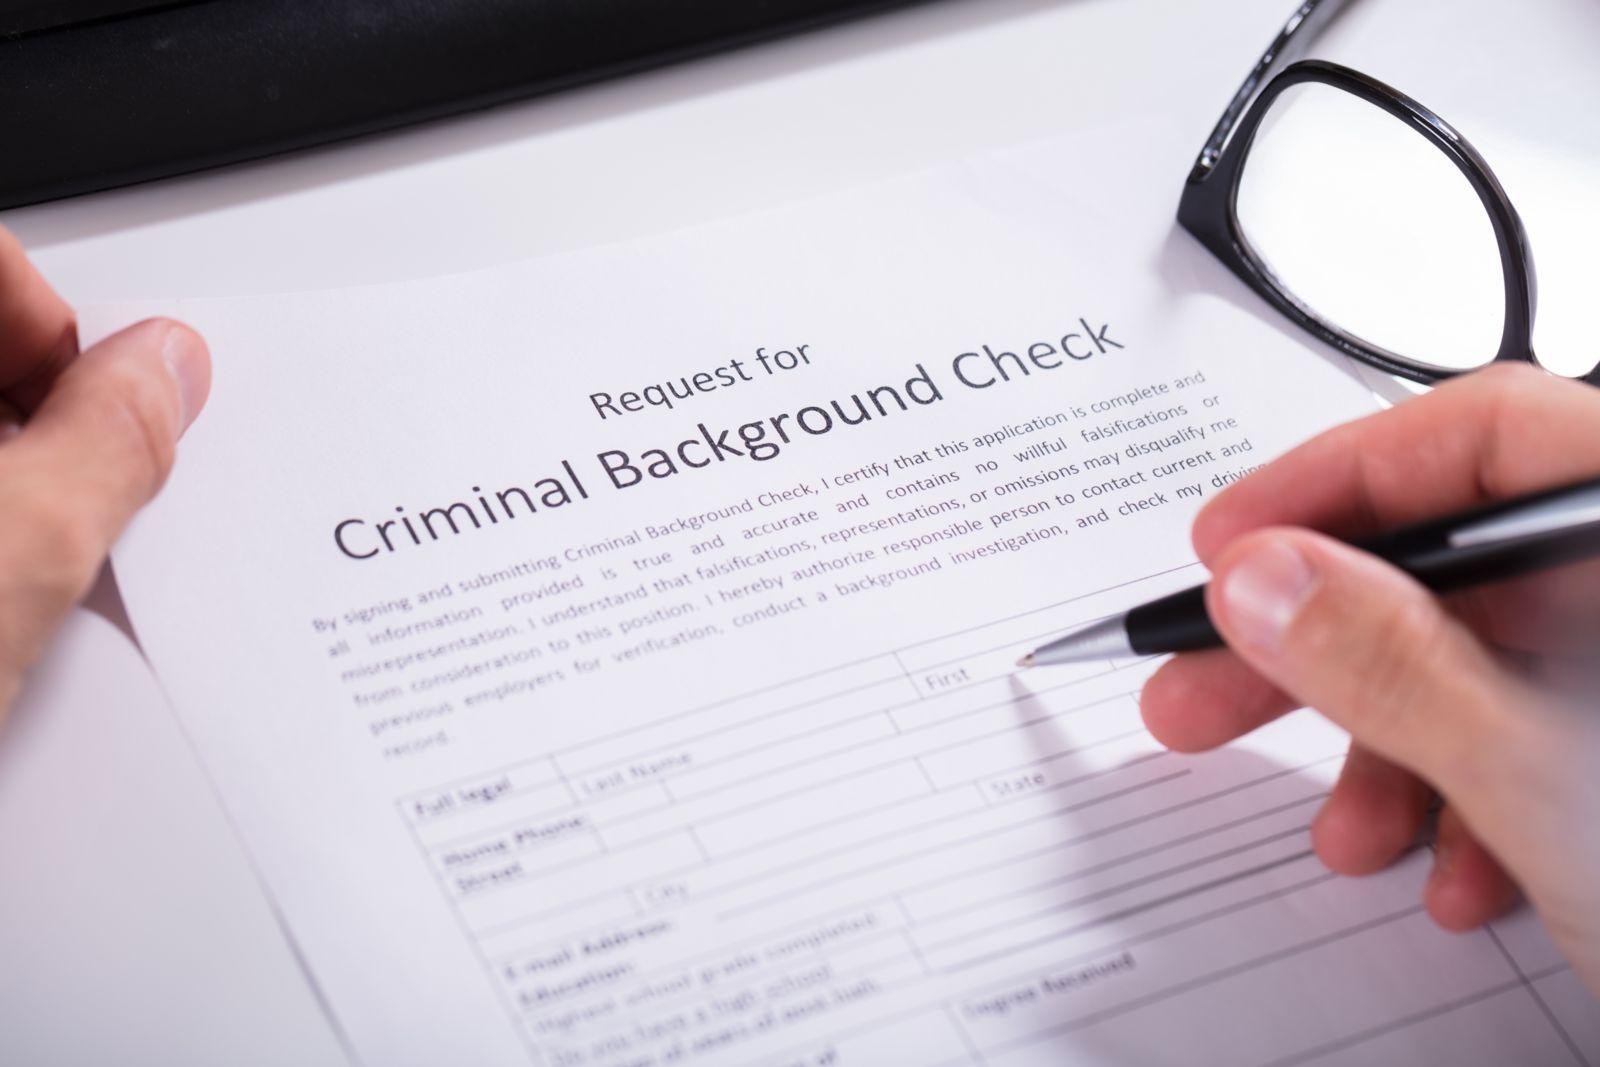 Cardozalaw Corp BG Checks